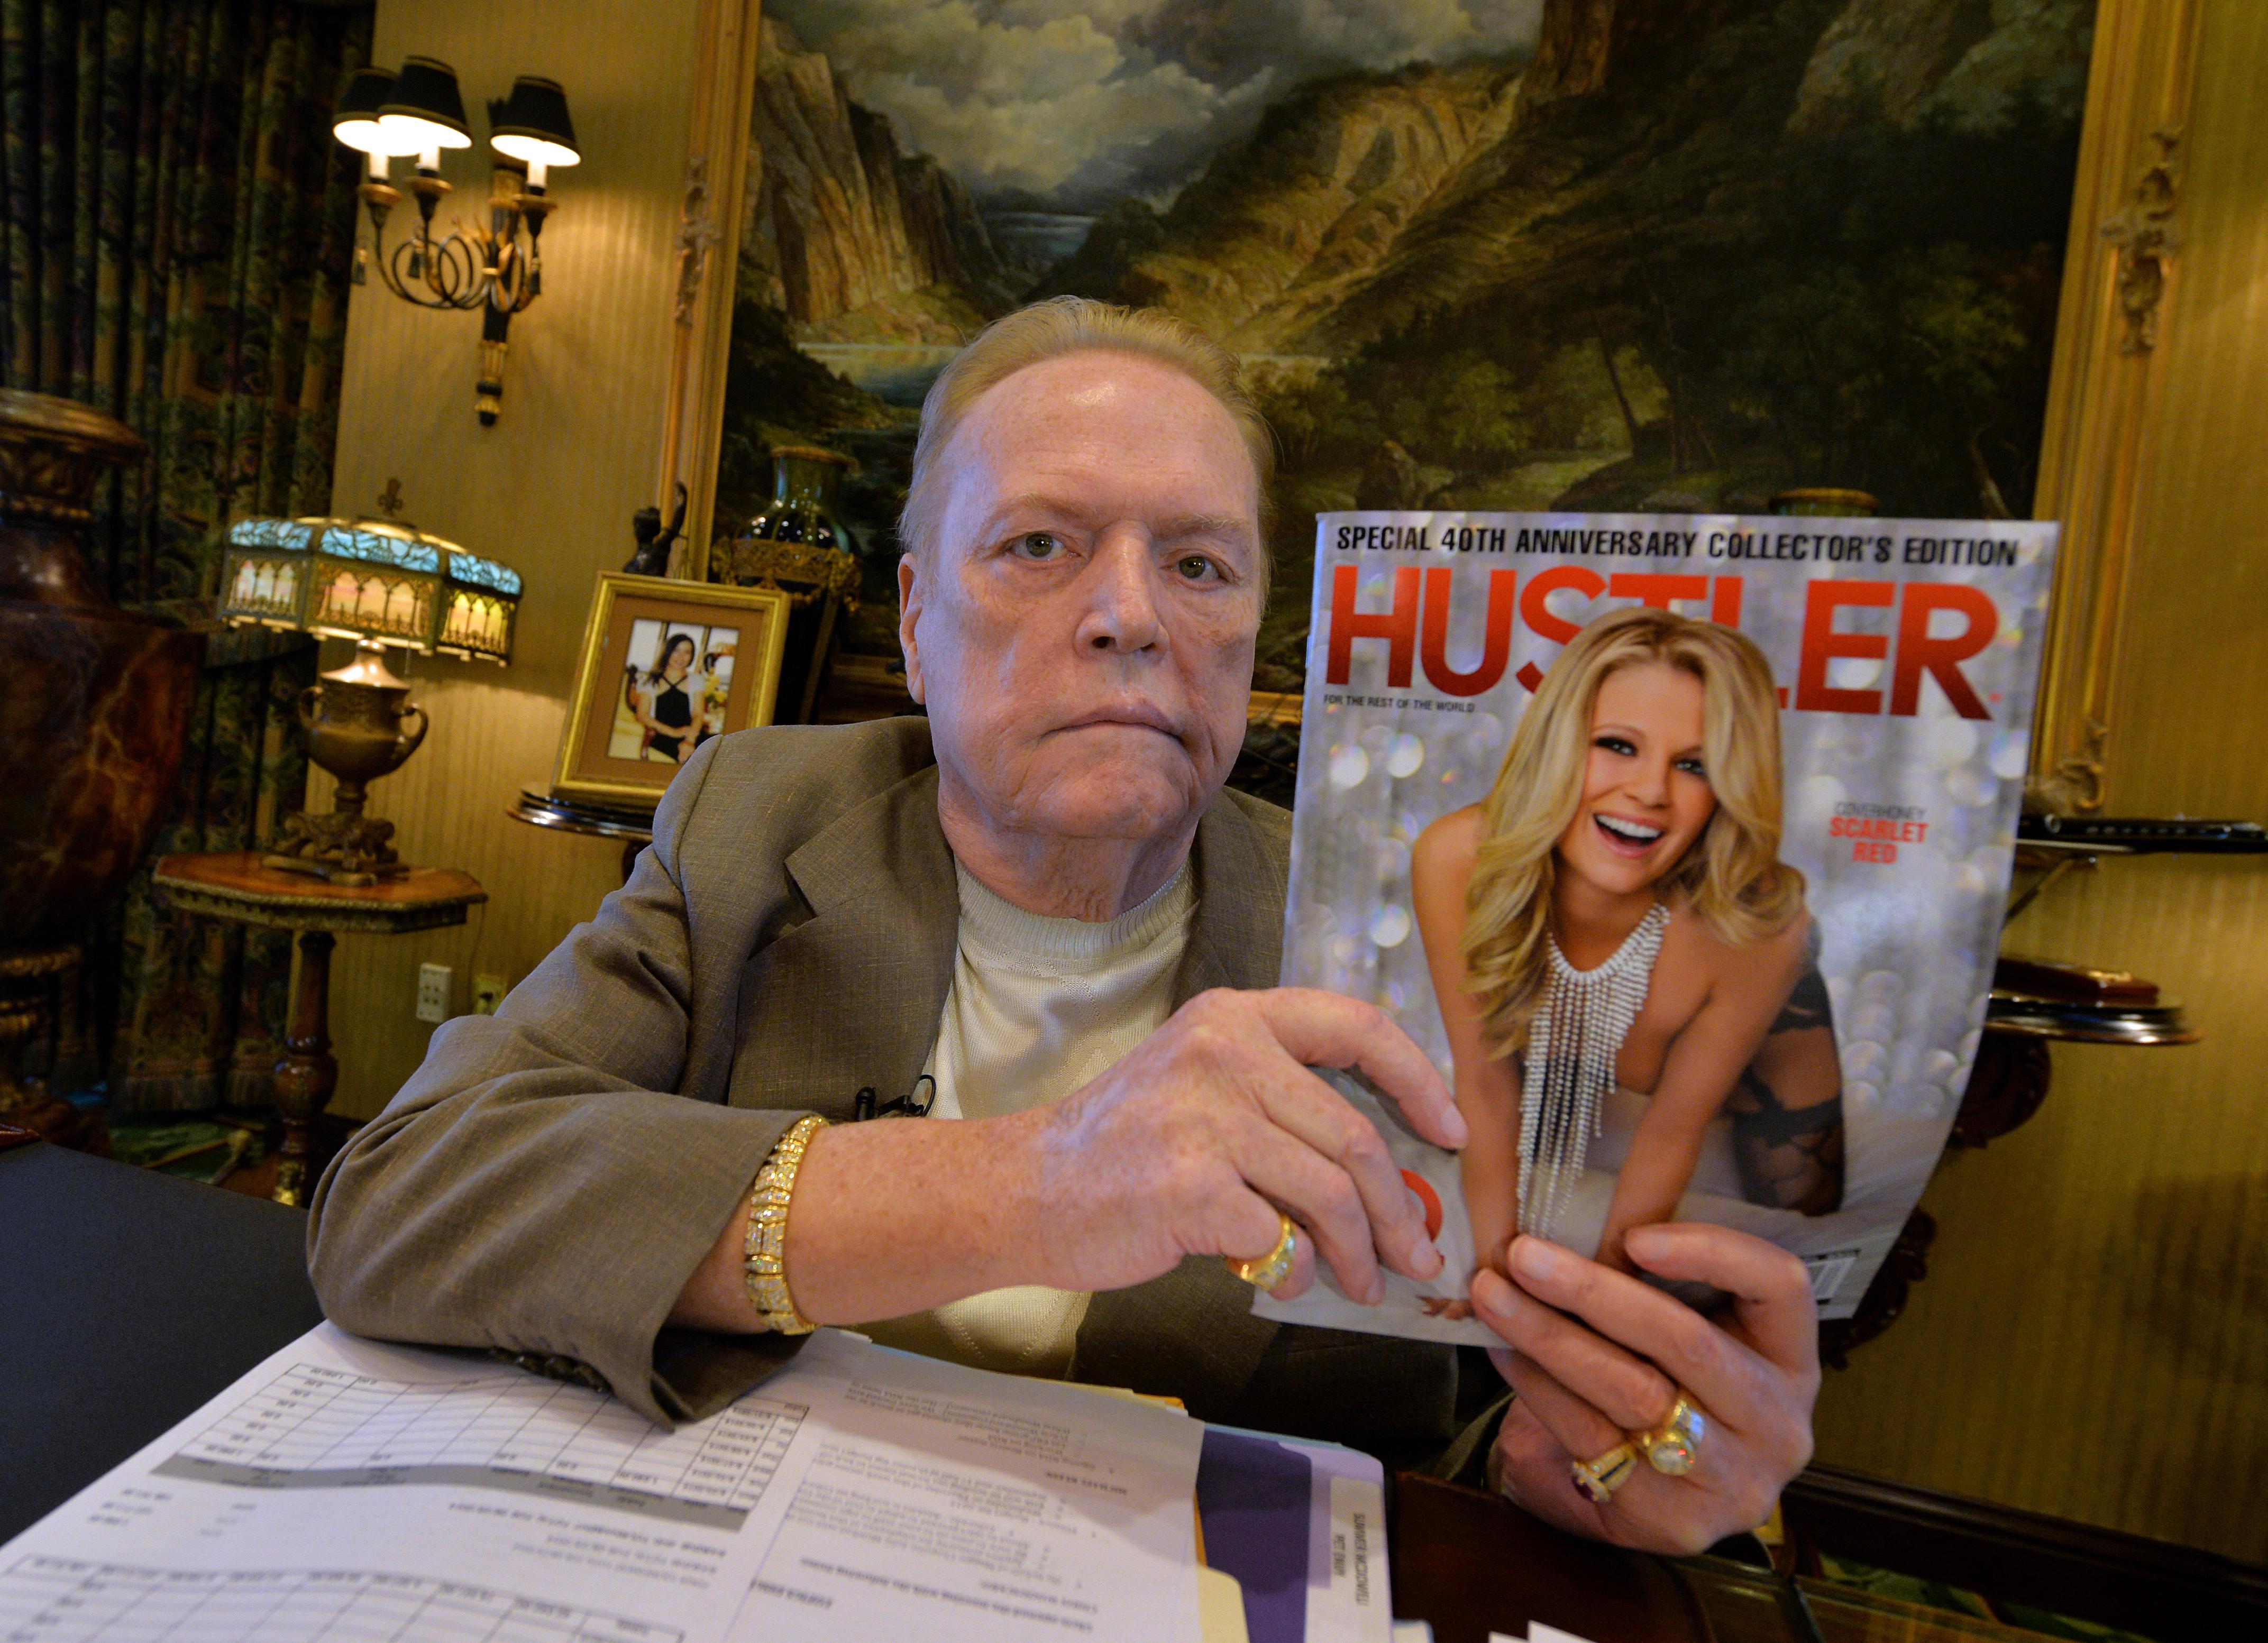 Megfenyegette Ronald Reagant, megölette volna Hugh Hefnert, megmentette viszont aDeLorean tervezőjét